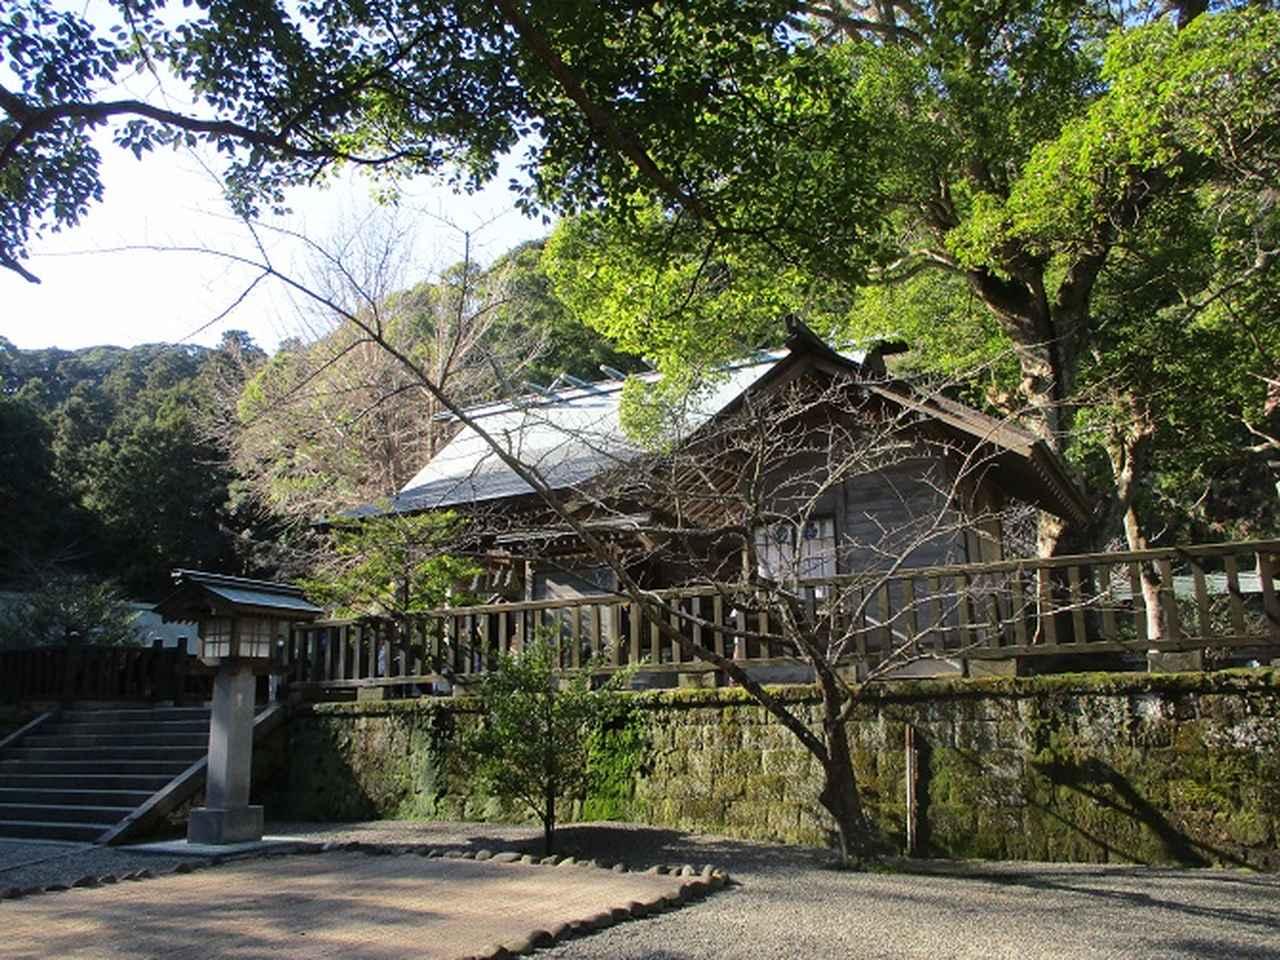 画像7: 1月の山旅会新年企画 「天神山と沖の島」 ツアーの下見にいってまいりました!